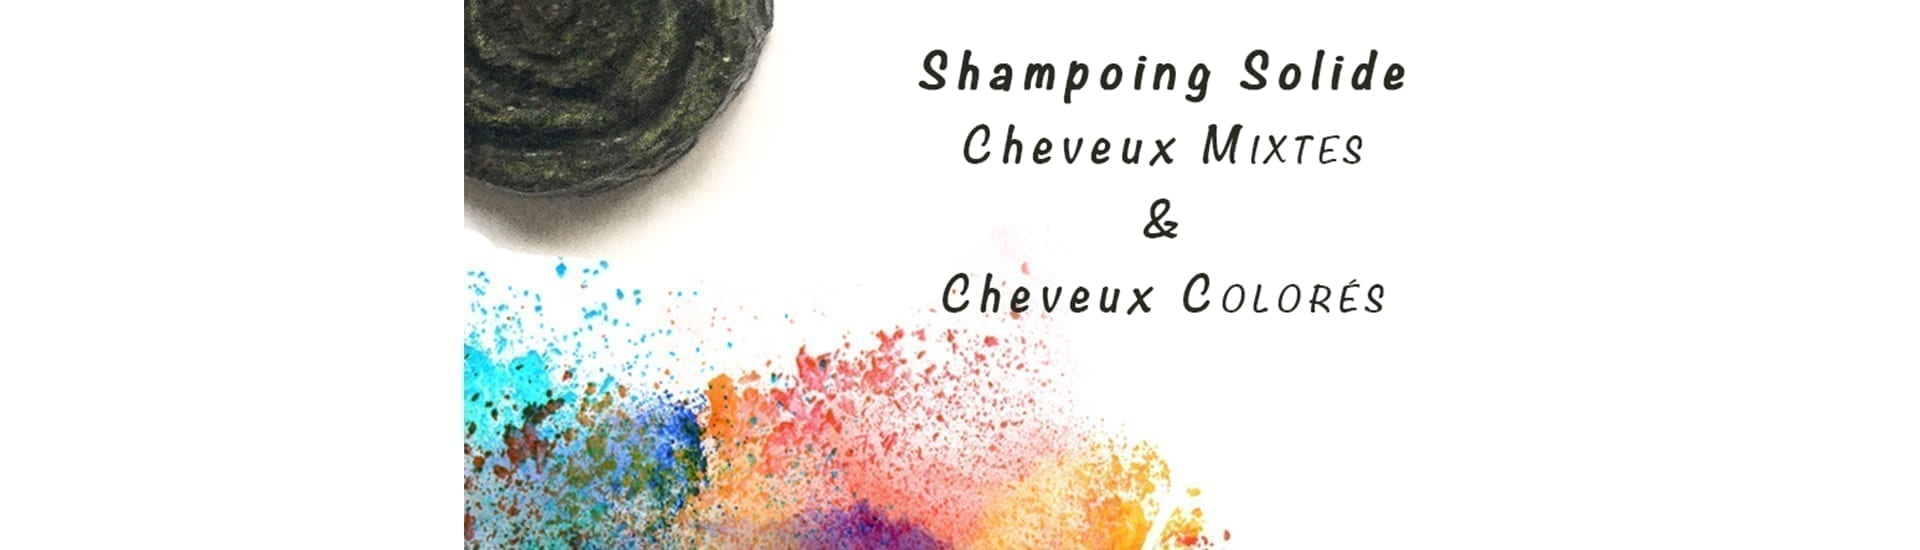 Shampoing solide cheveux colorés & mixtes